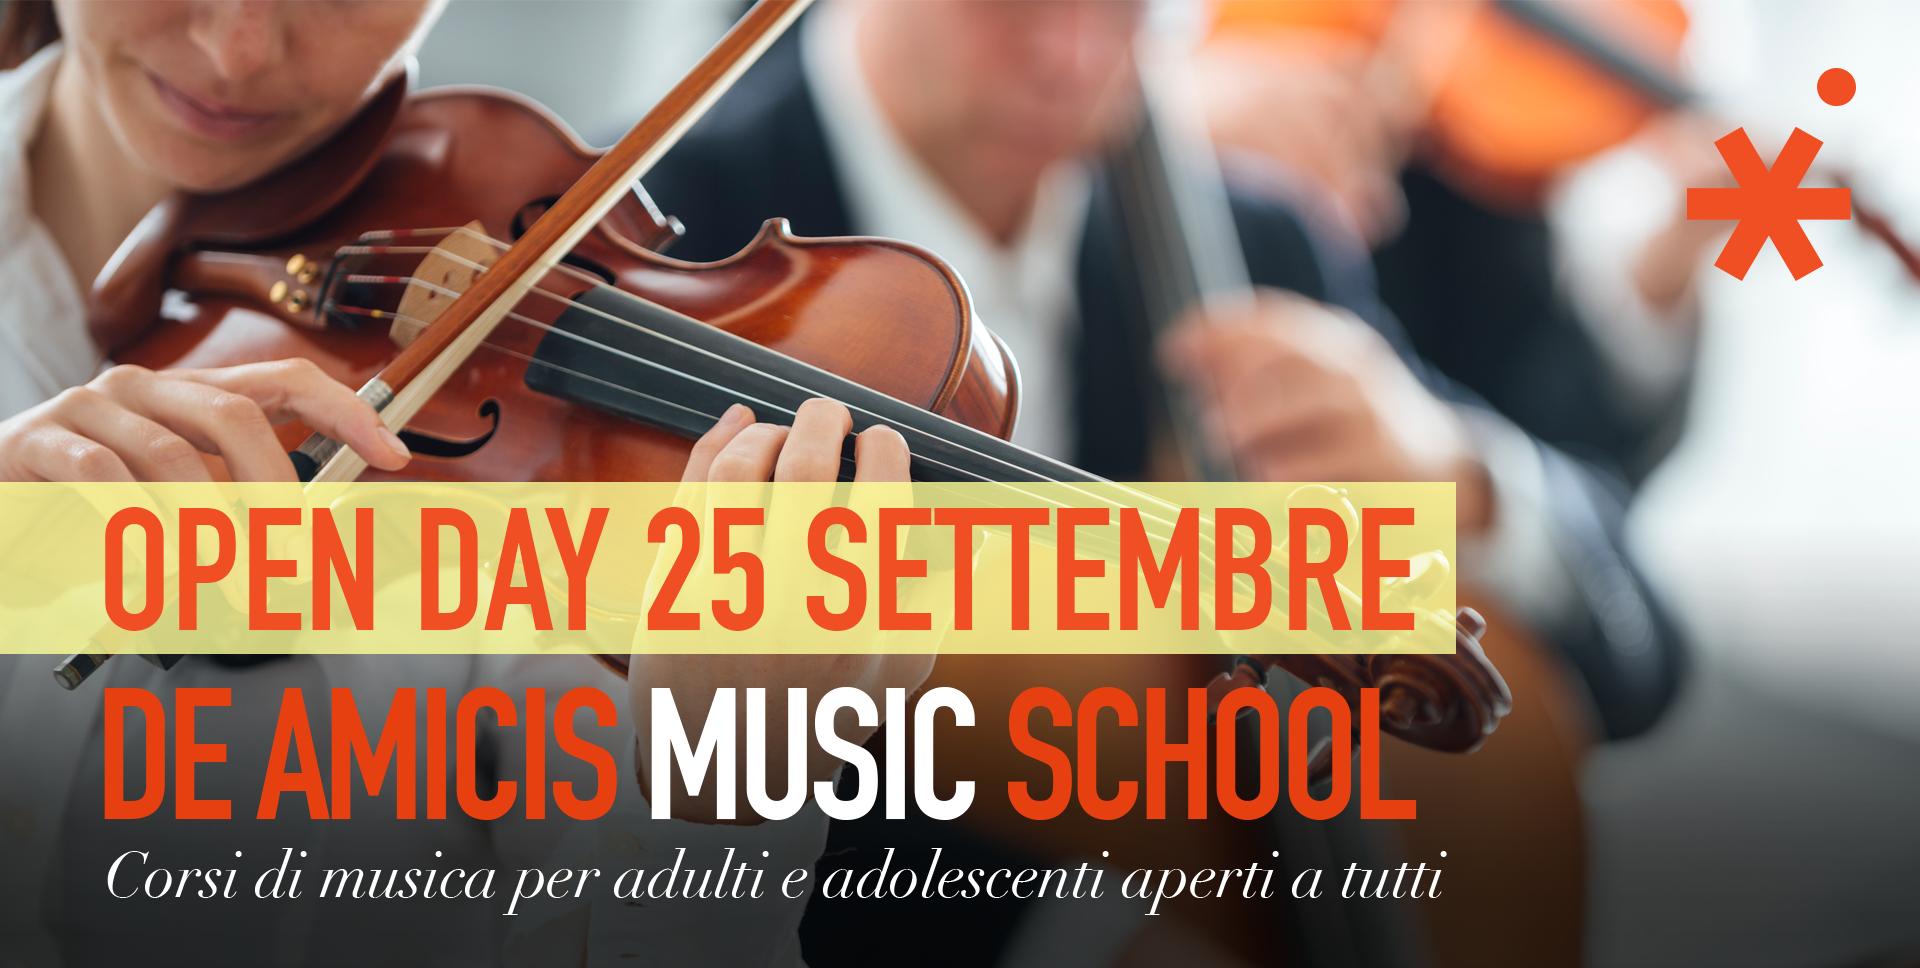 De Amicis Music School Open Day